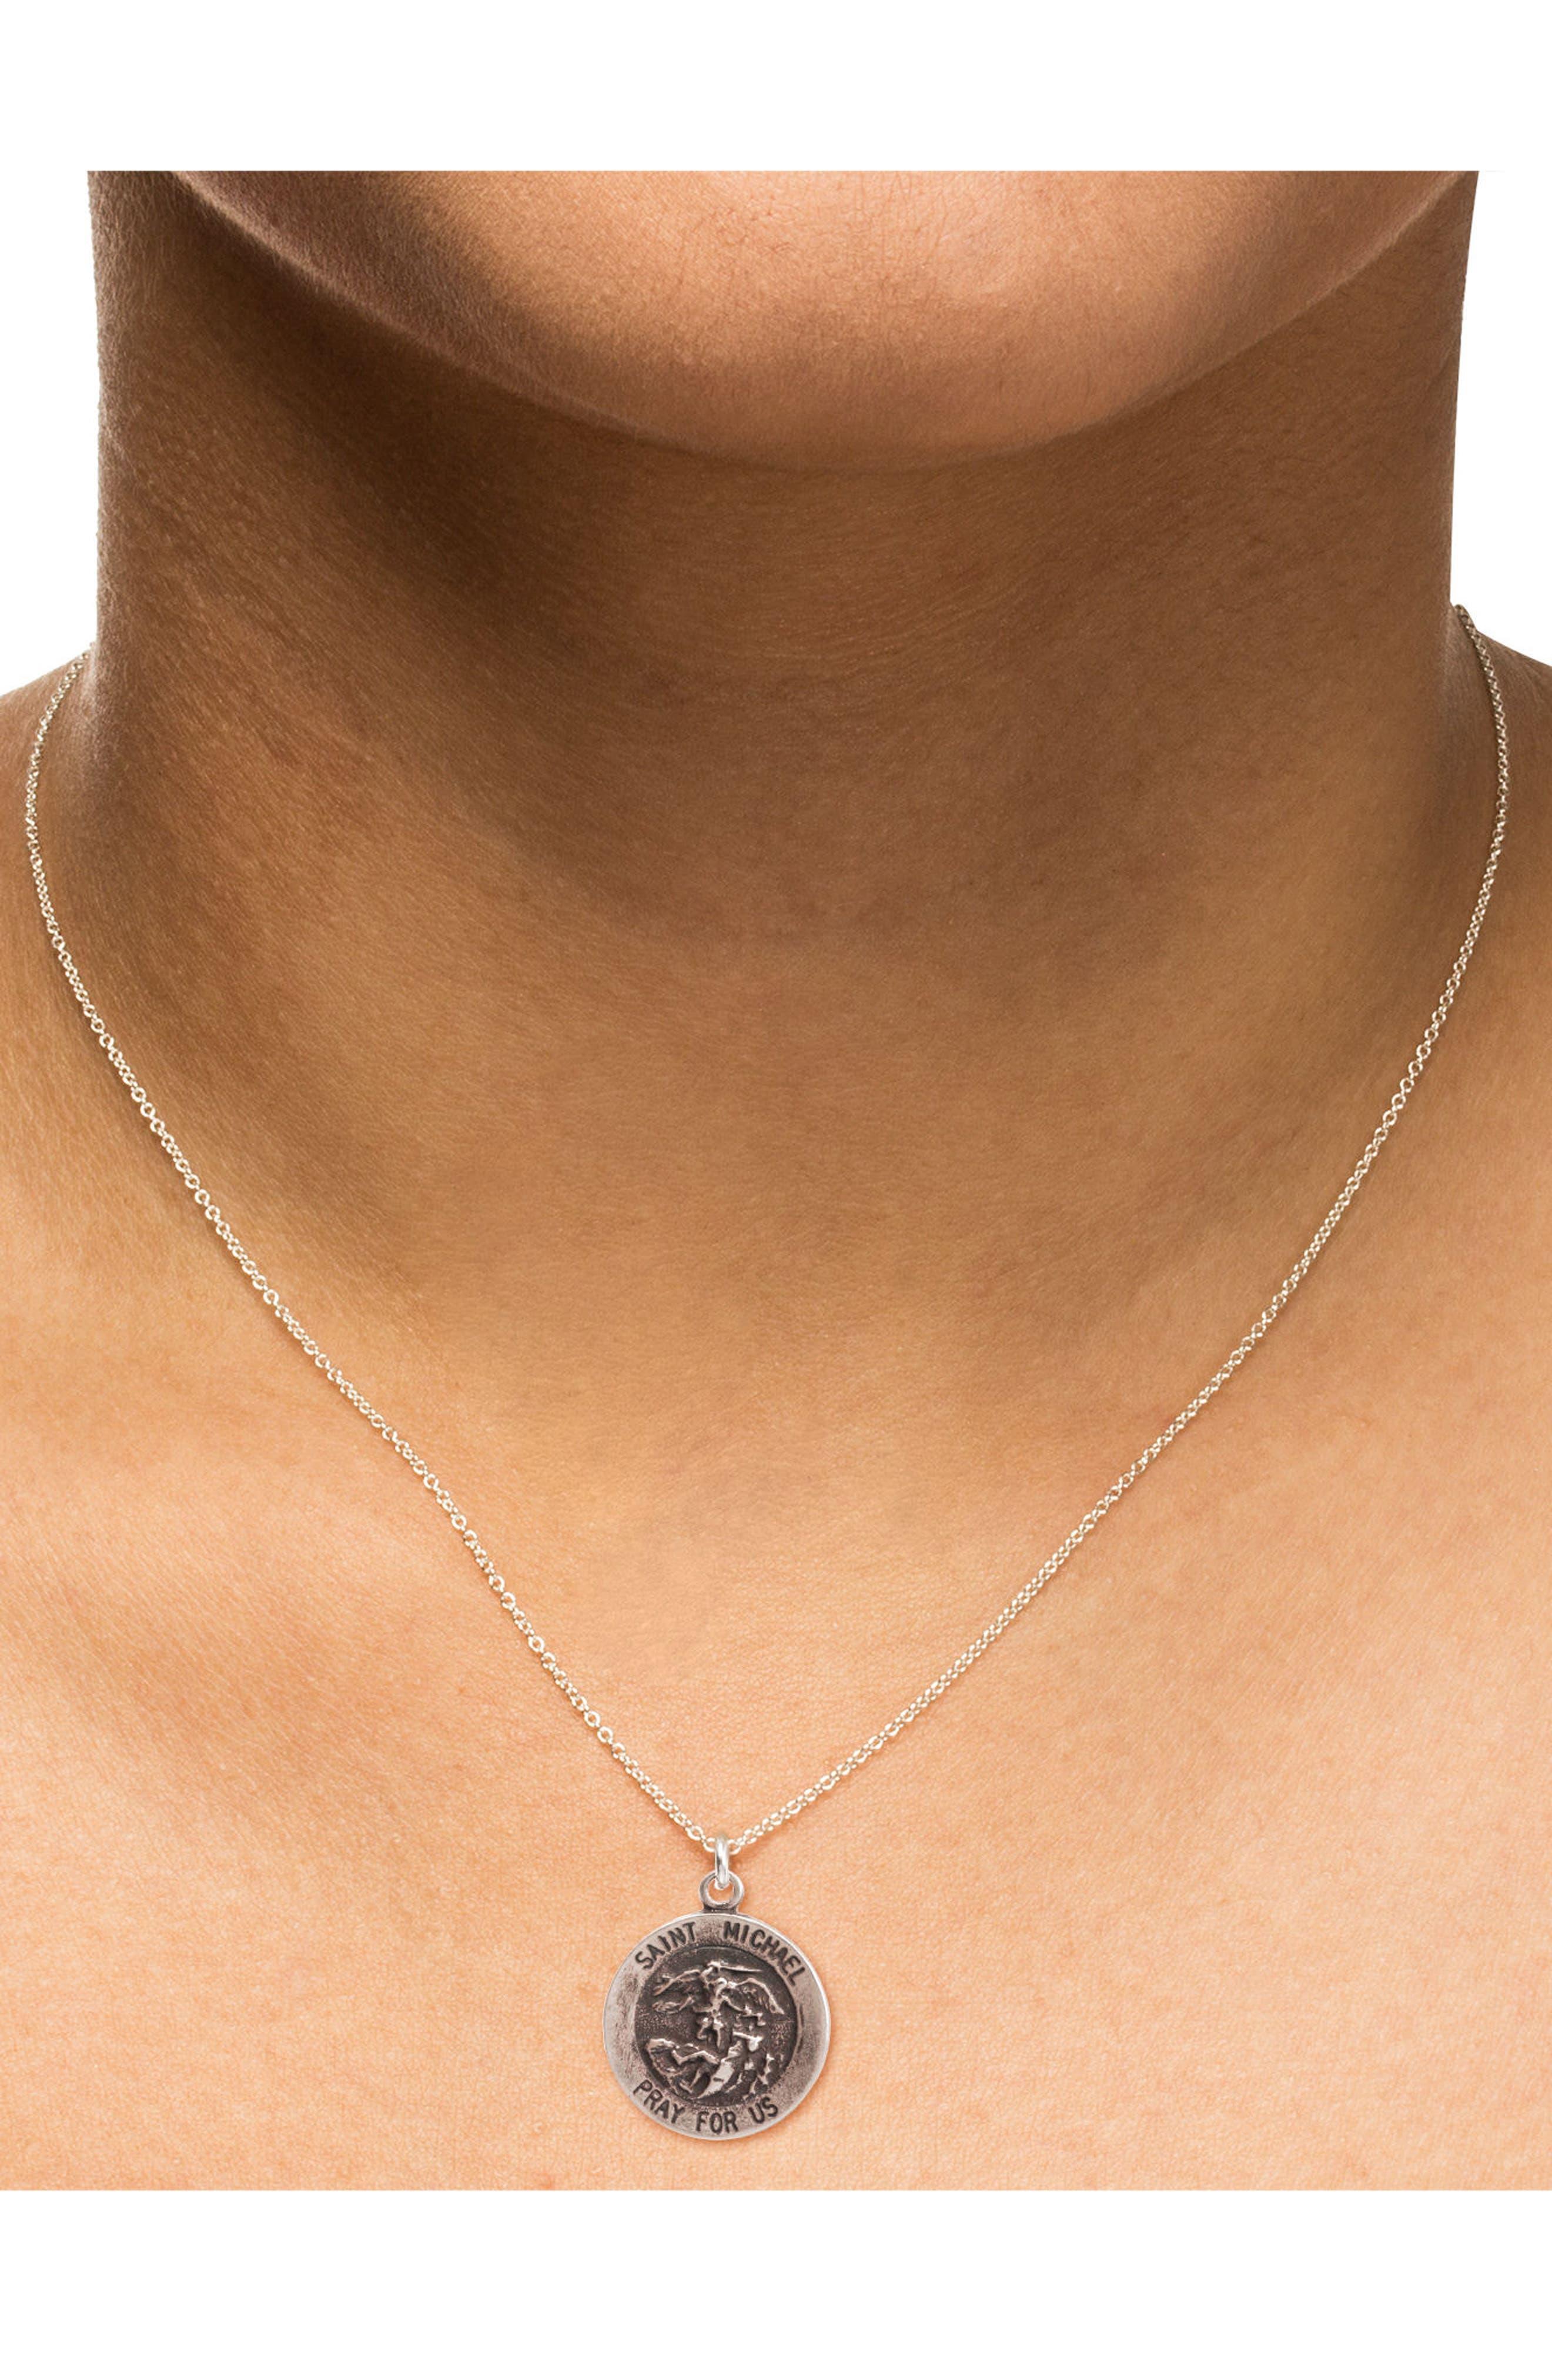 Saint Michael Pendant Necklace,                             Alternate thumbnail 2, color,                             042